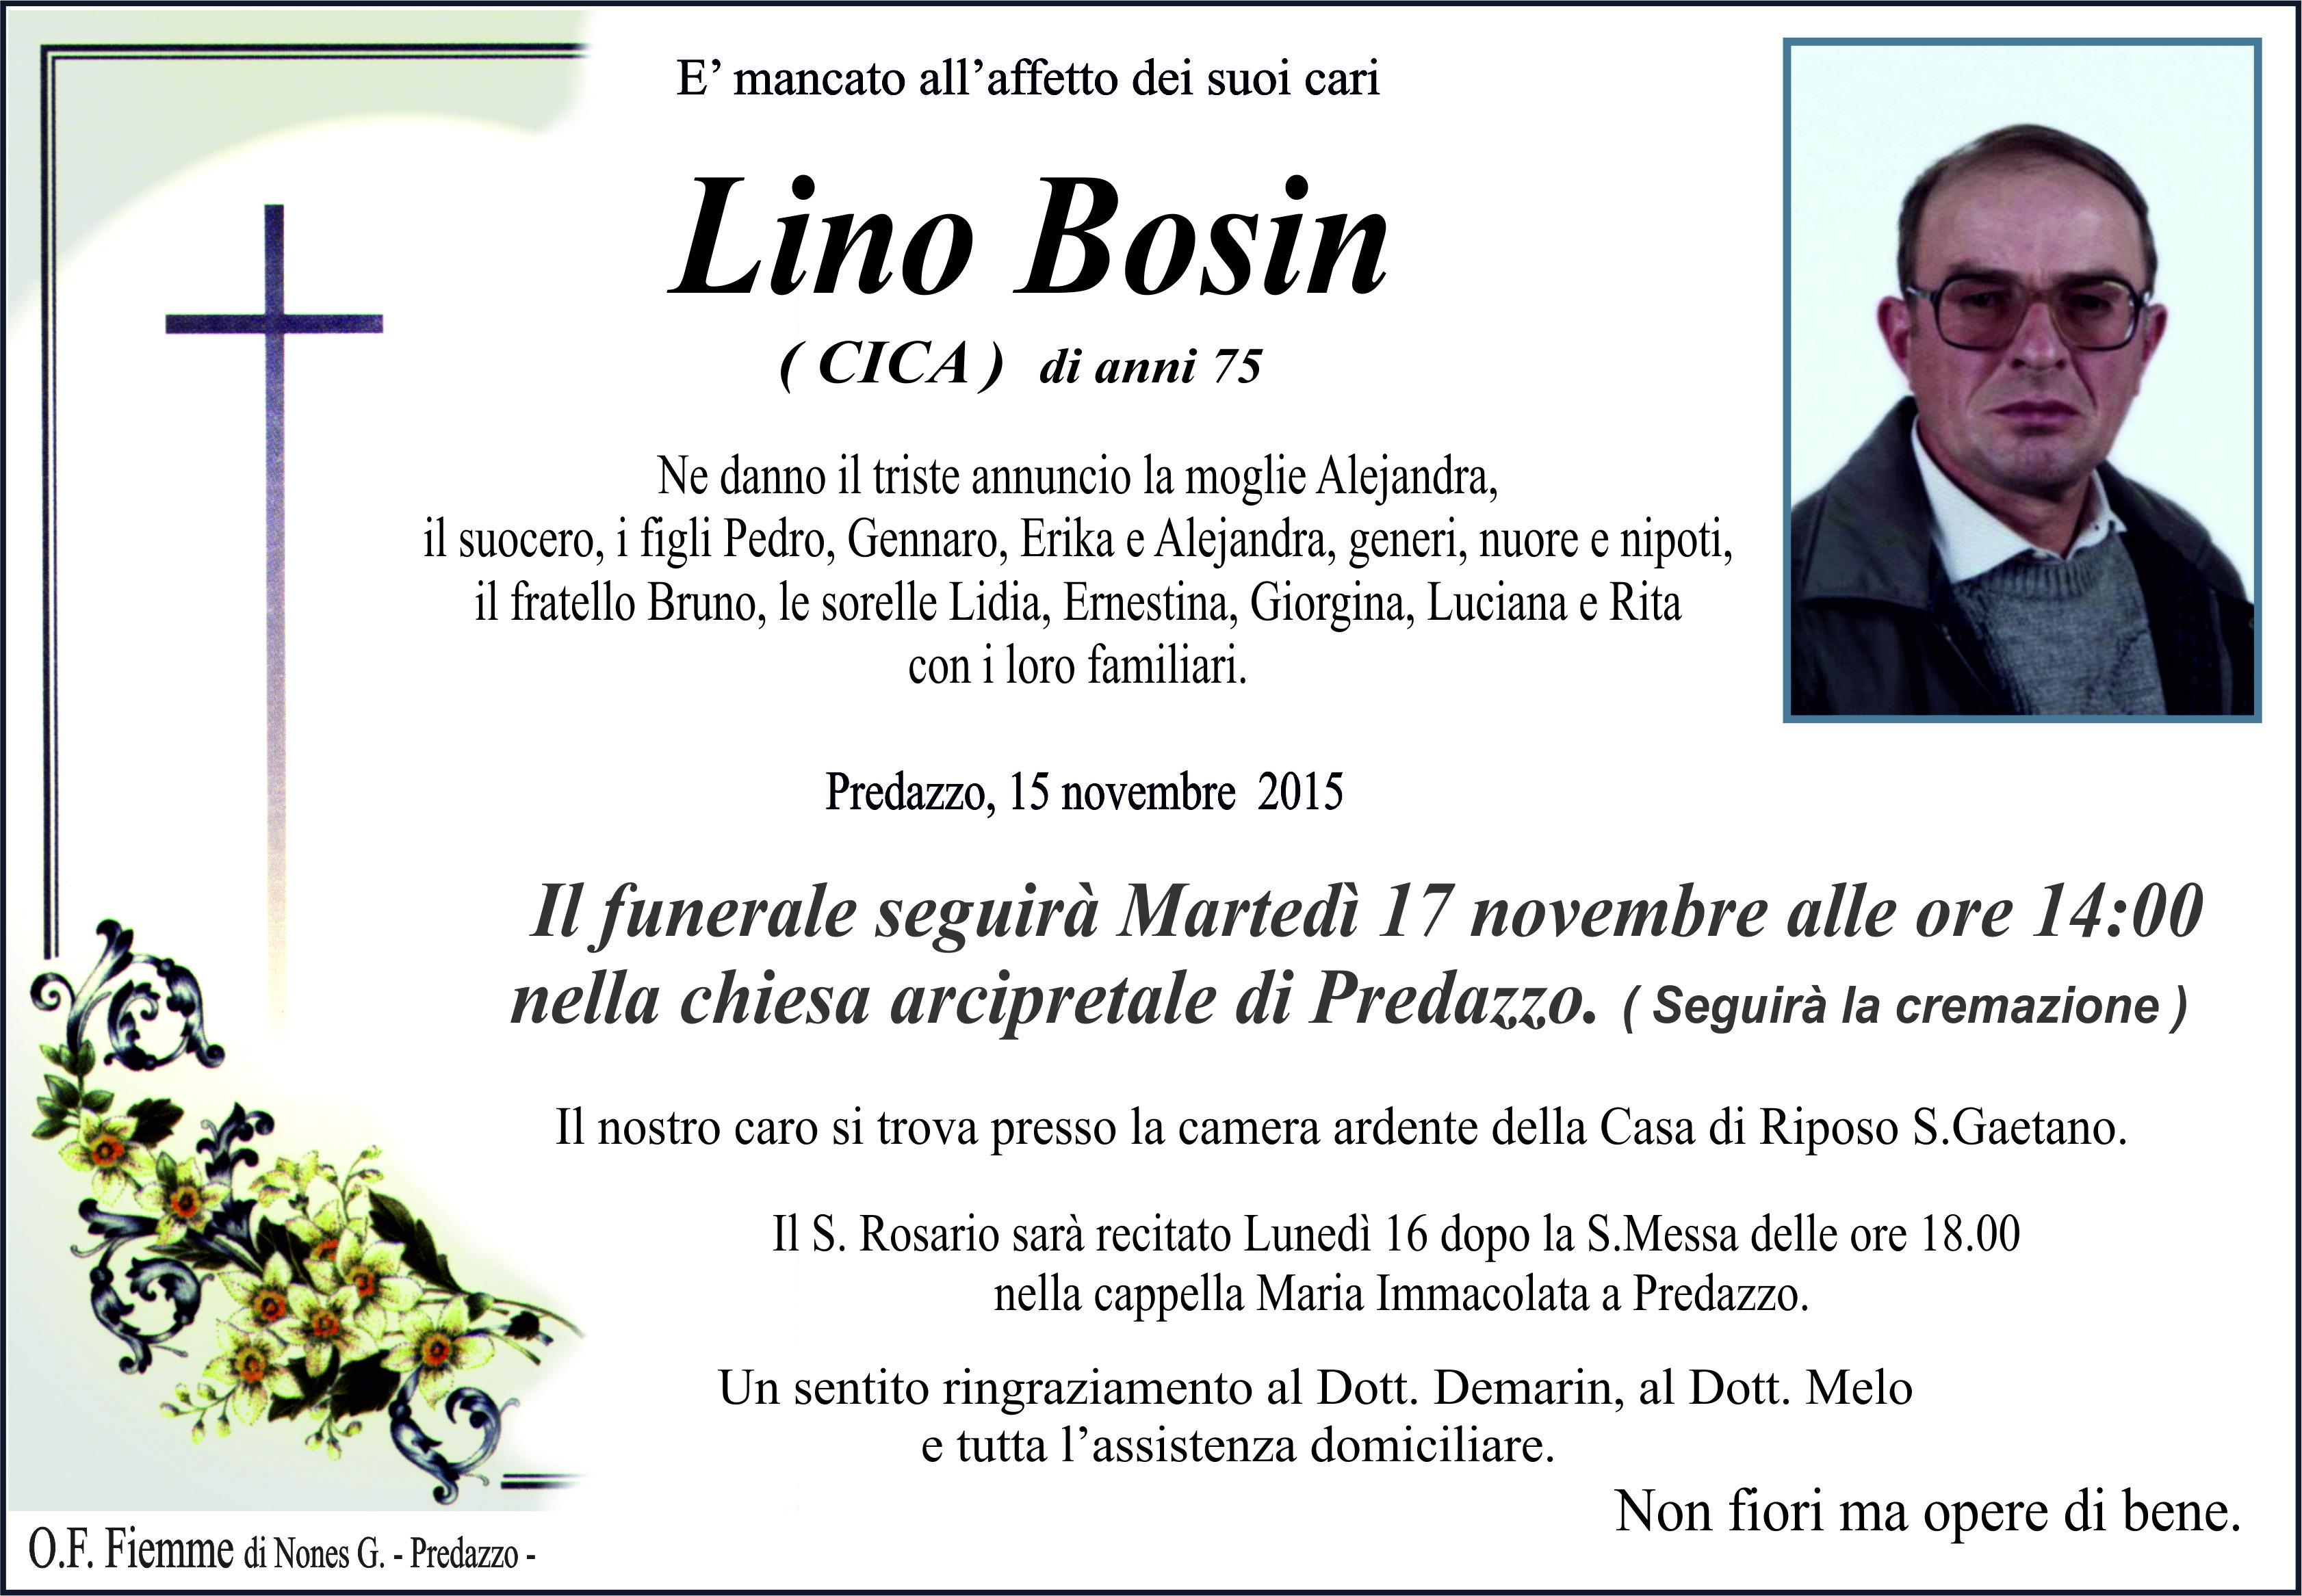 Bosin Lino Necrologi Guido DeFaveri e Lino Bosin